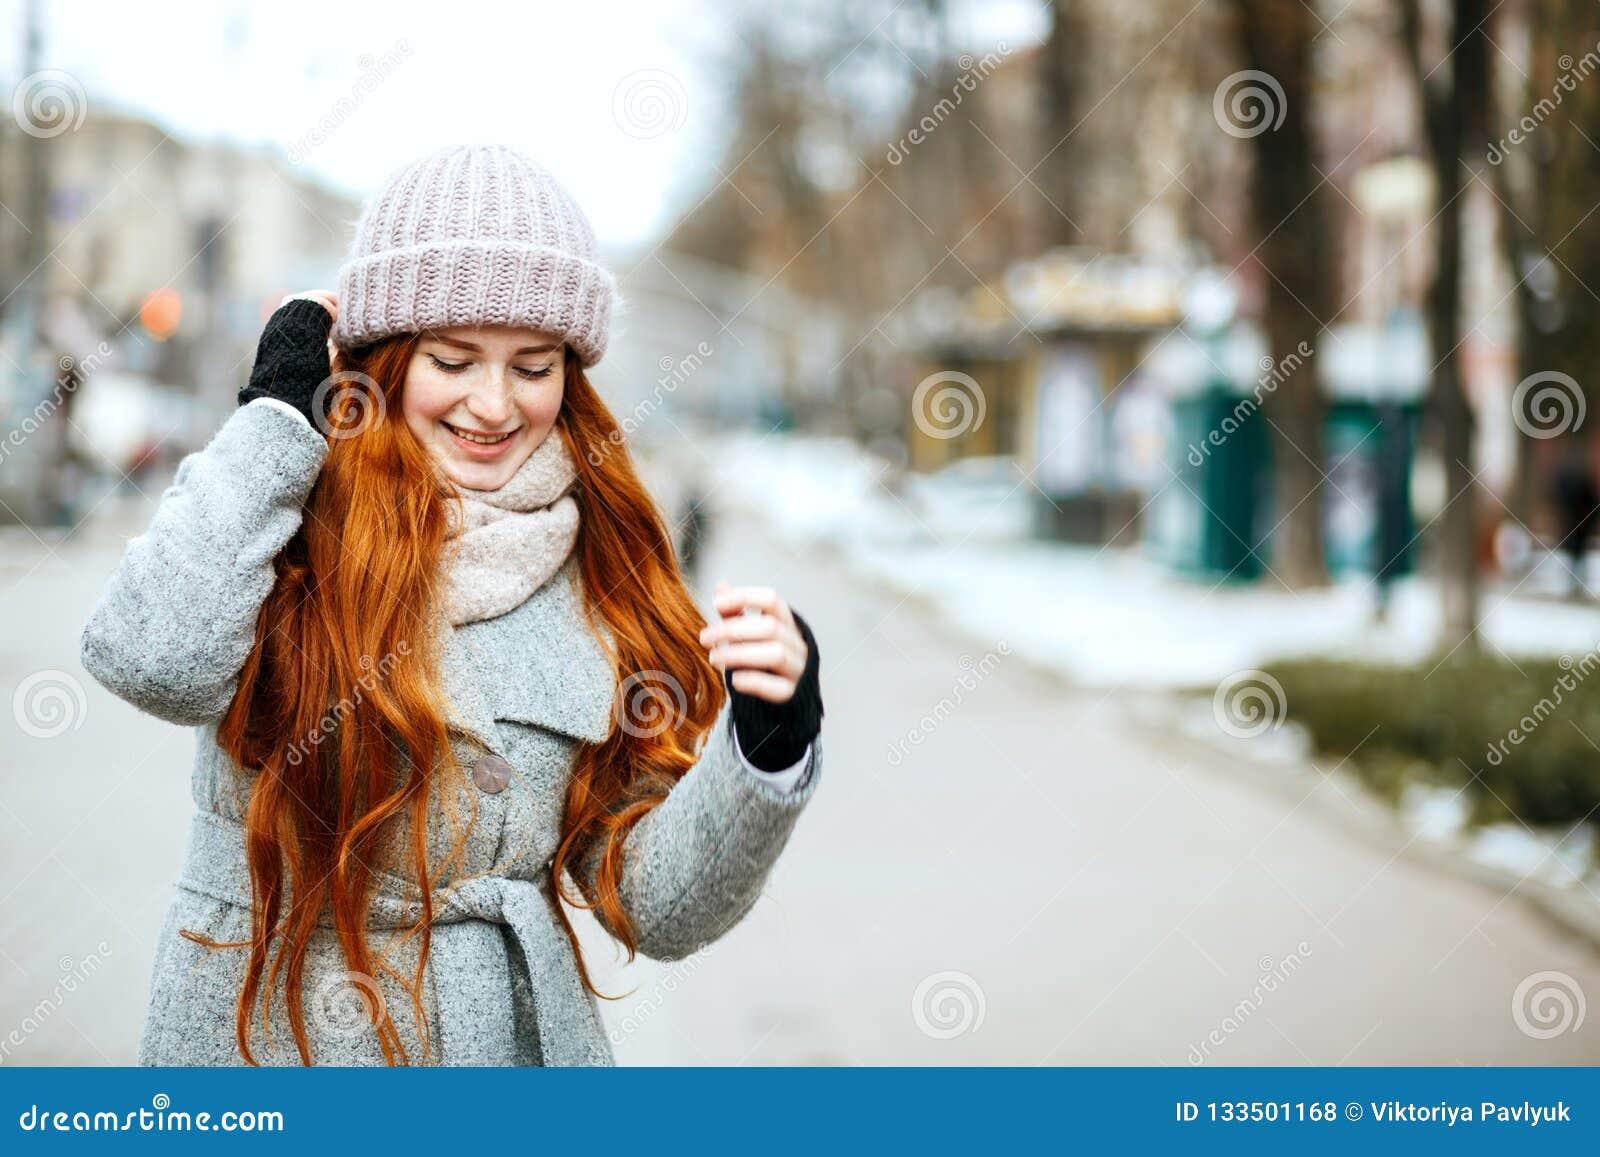 Miastowy portret oszałamiająco rudzielec model z długie włosy być ubranym